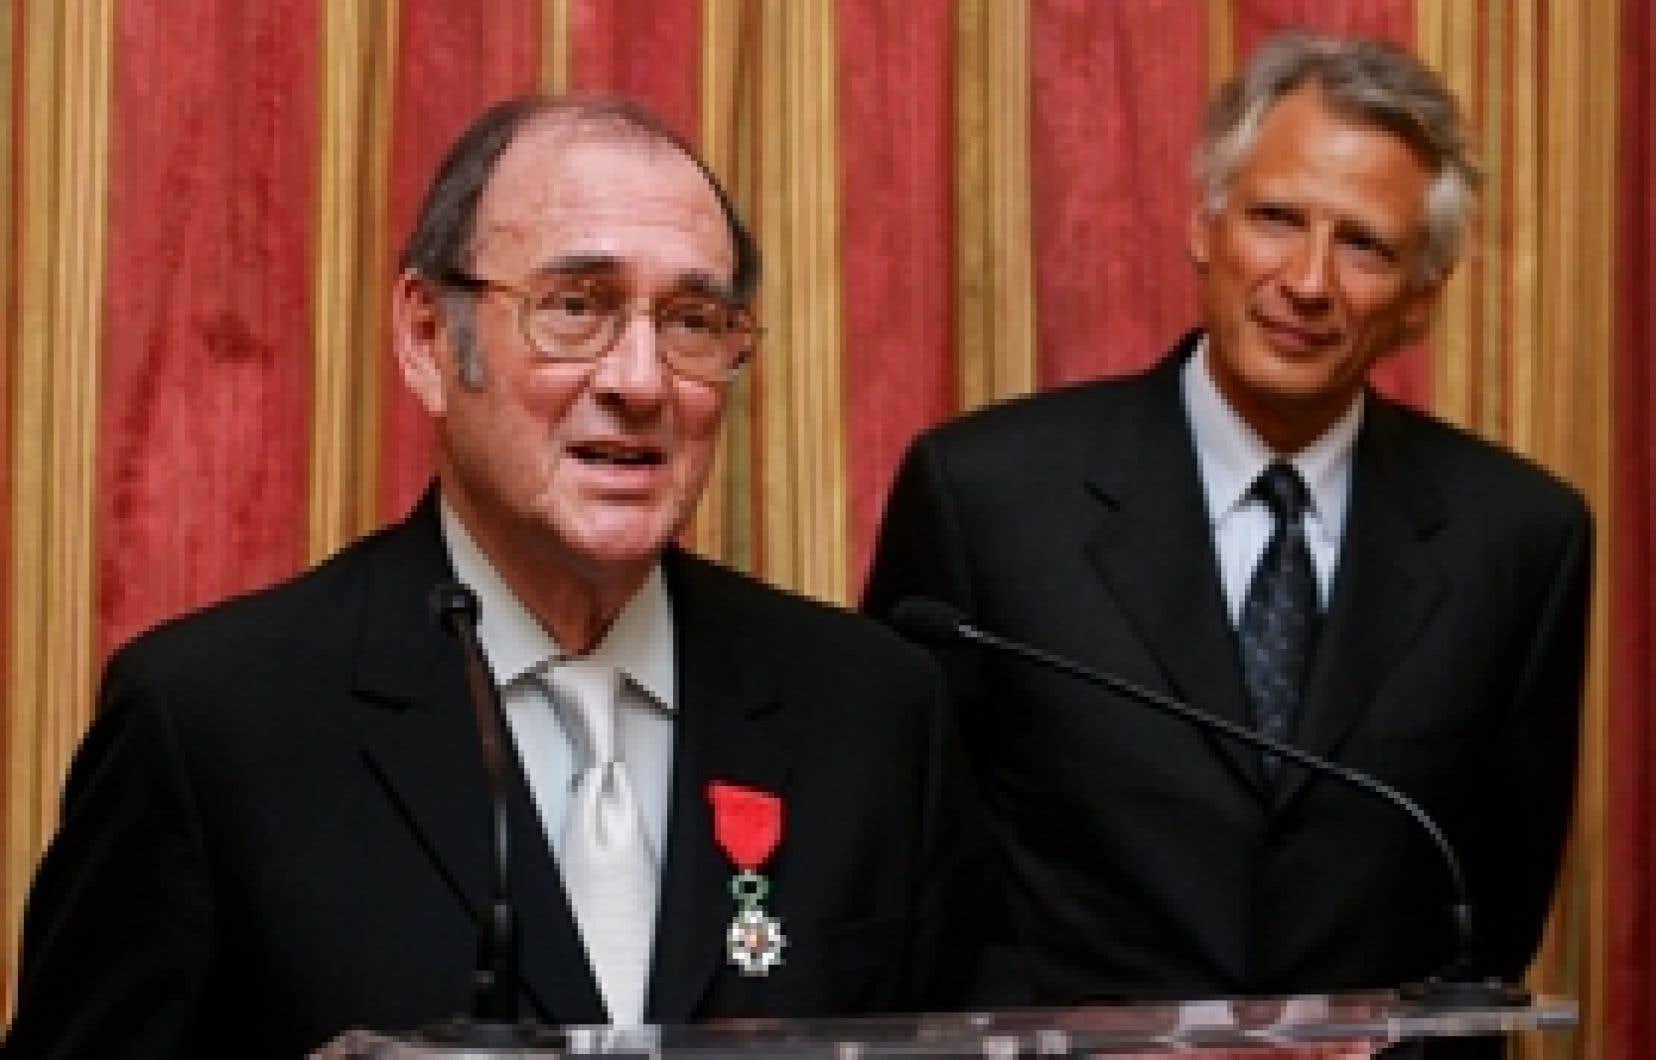 Harold Pinter a reçu la Légion d'honneur française des mains du premier ministre de l'époque Dominique de Villepin (à droite)  le 17 janvier 2007.